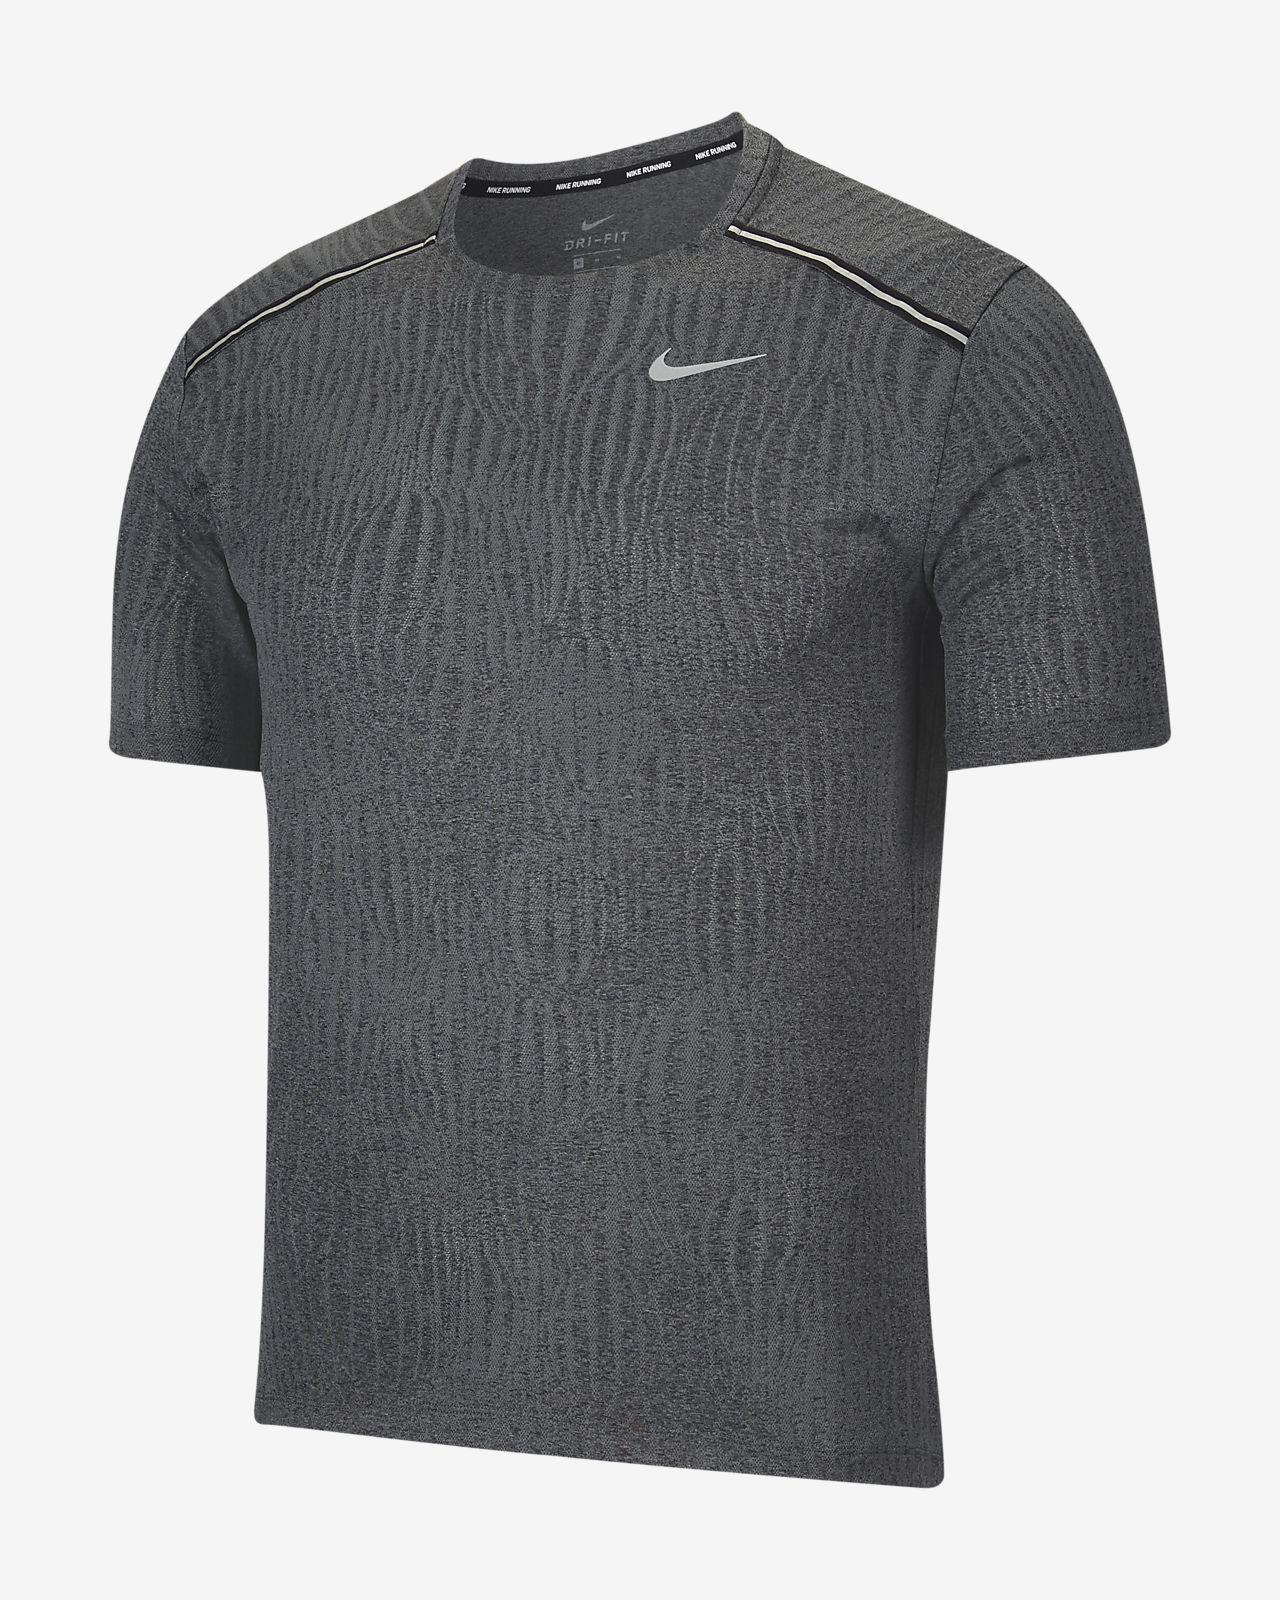 Nike Dri-FIT Miler Men's Top